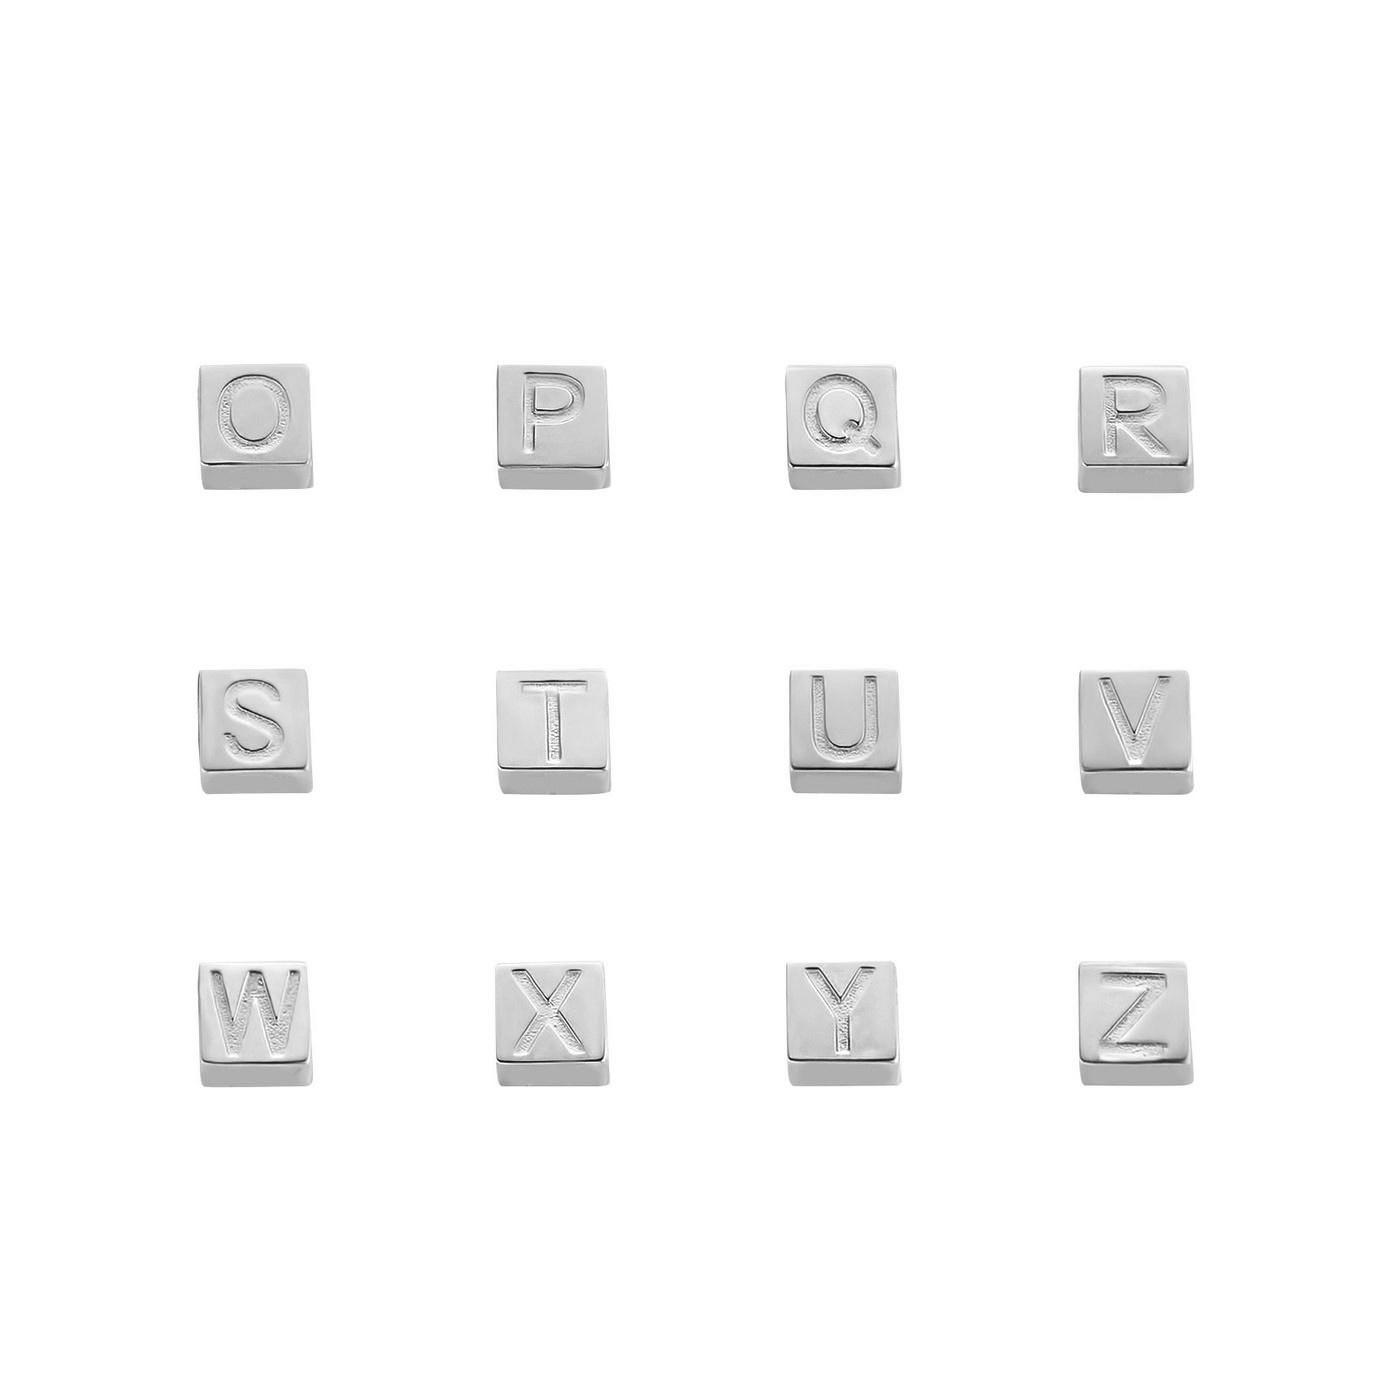 Isabel Bernard Saint Germain Felie 585er Weißgold Goldwürfel mit Buchstaben Charm